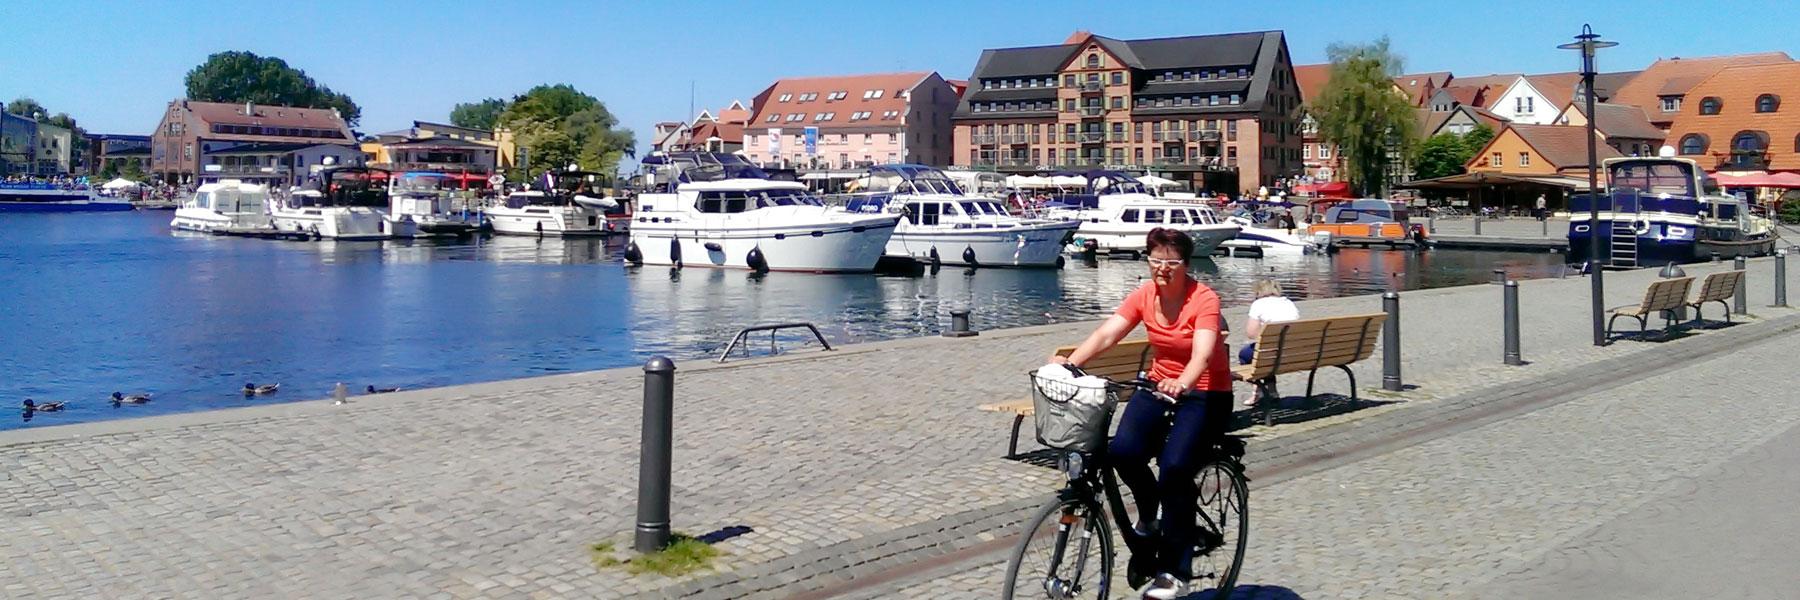 Hafen Waren Müritz - Ferienwohnungen am Yachthafen